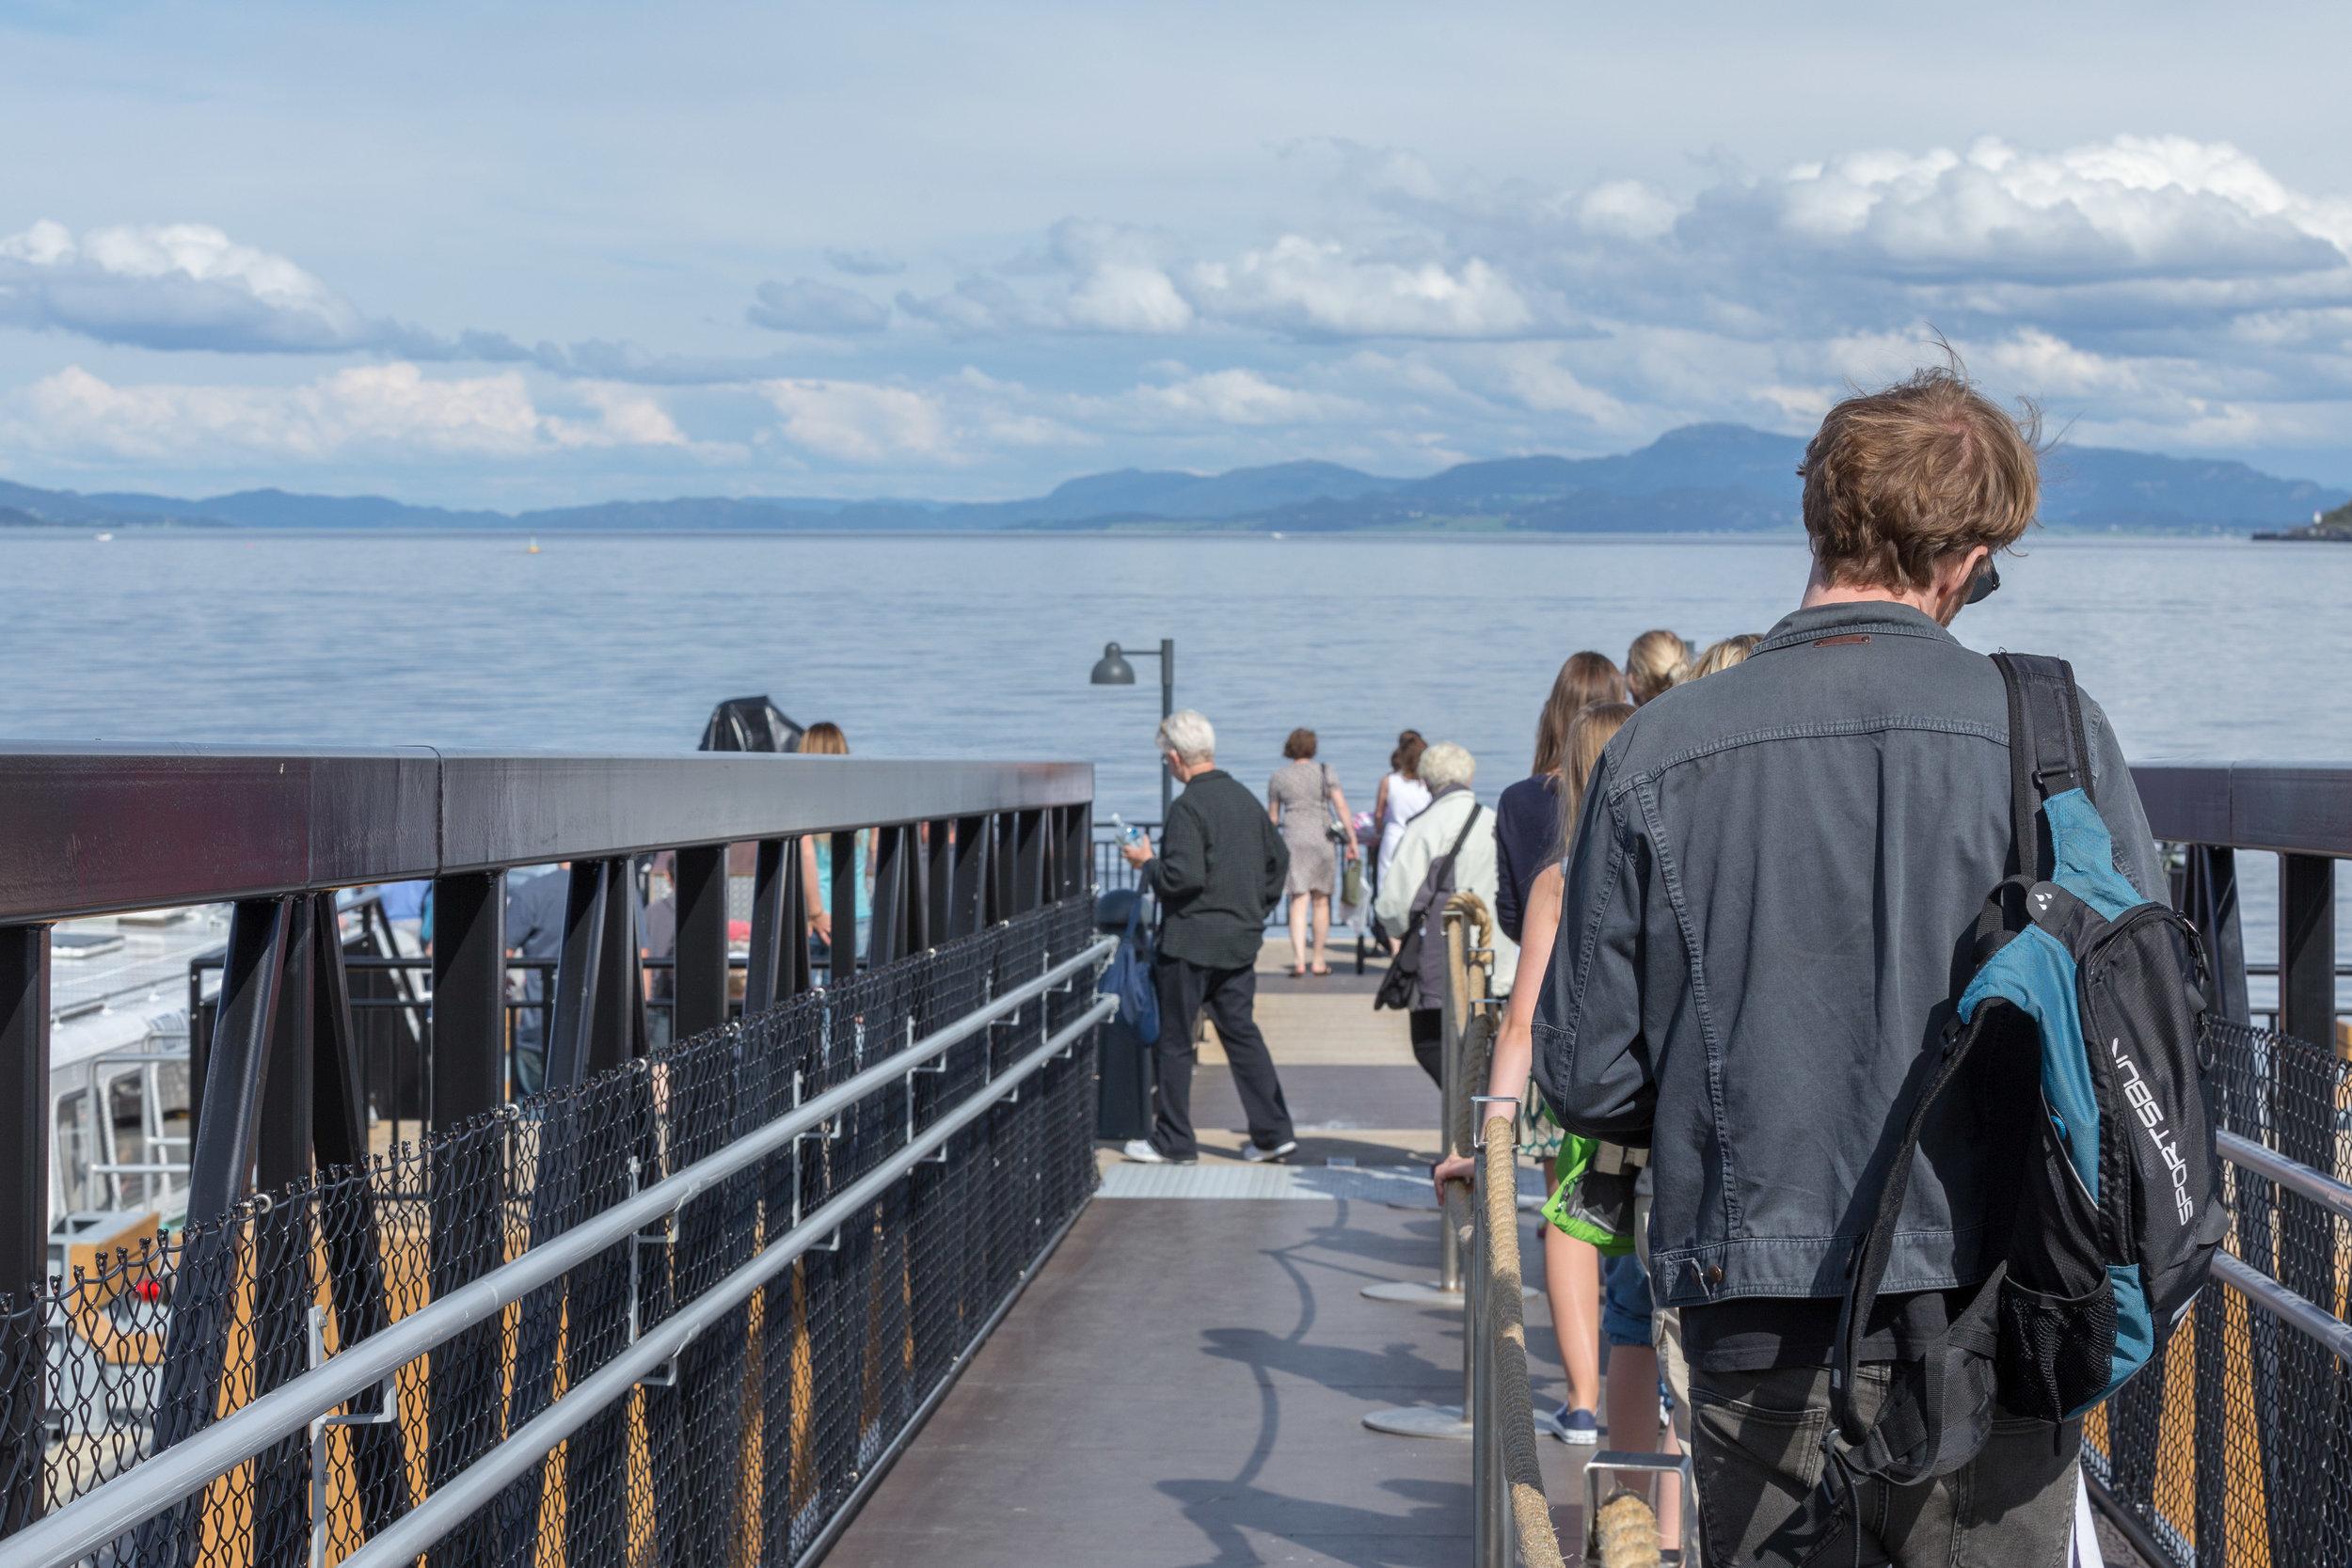 Tripps-båtservice-trondheim-norge-sightseeing-munkholmen-0997.jpg